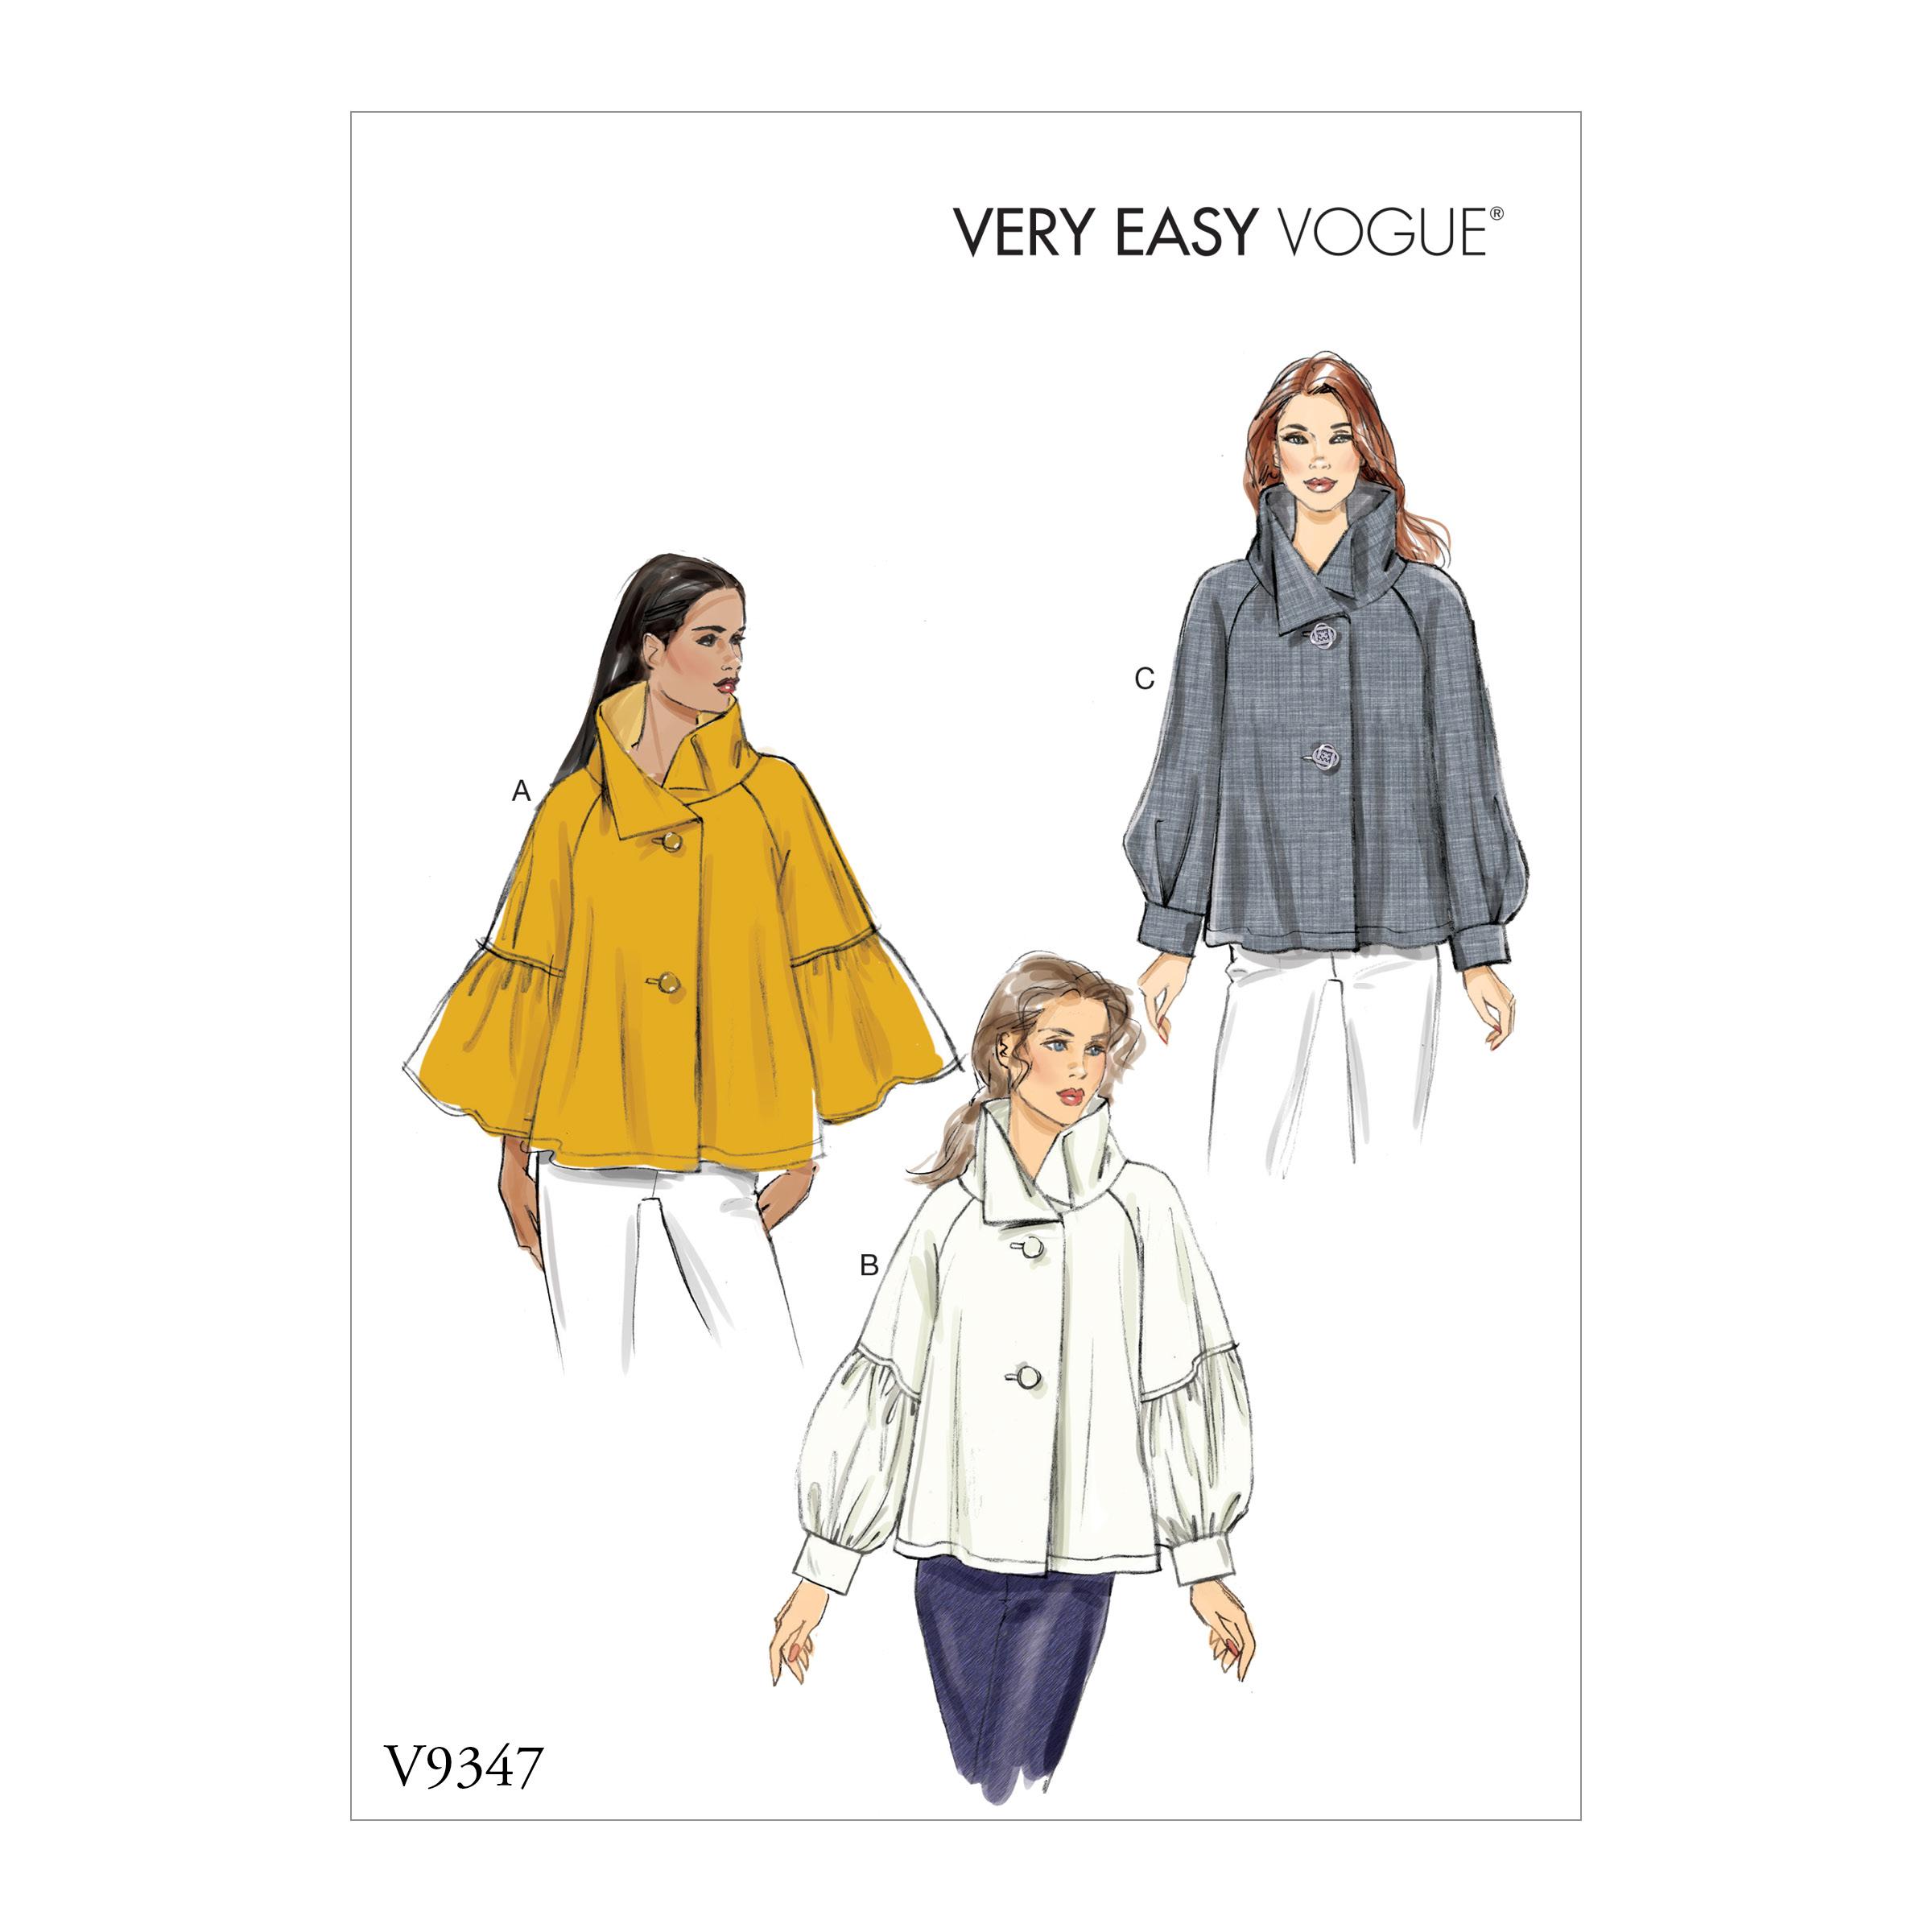 5c69b38770 Vogue Patterns 9347 MISSES' TOP